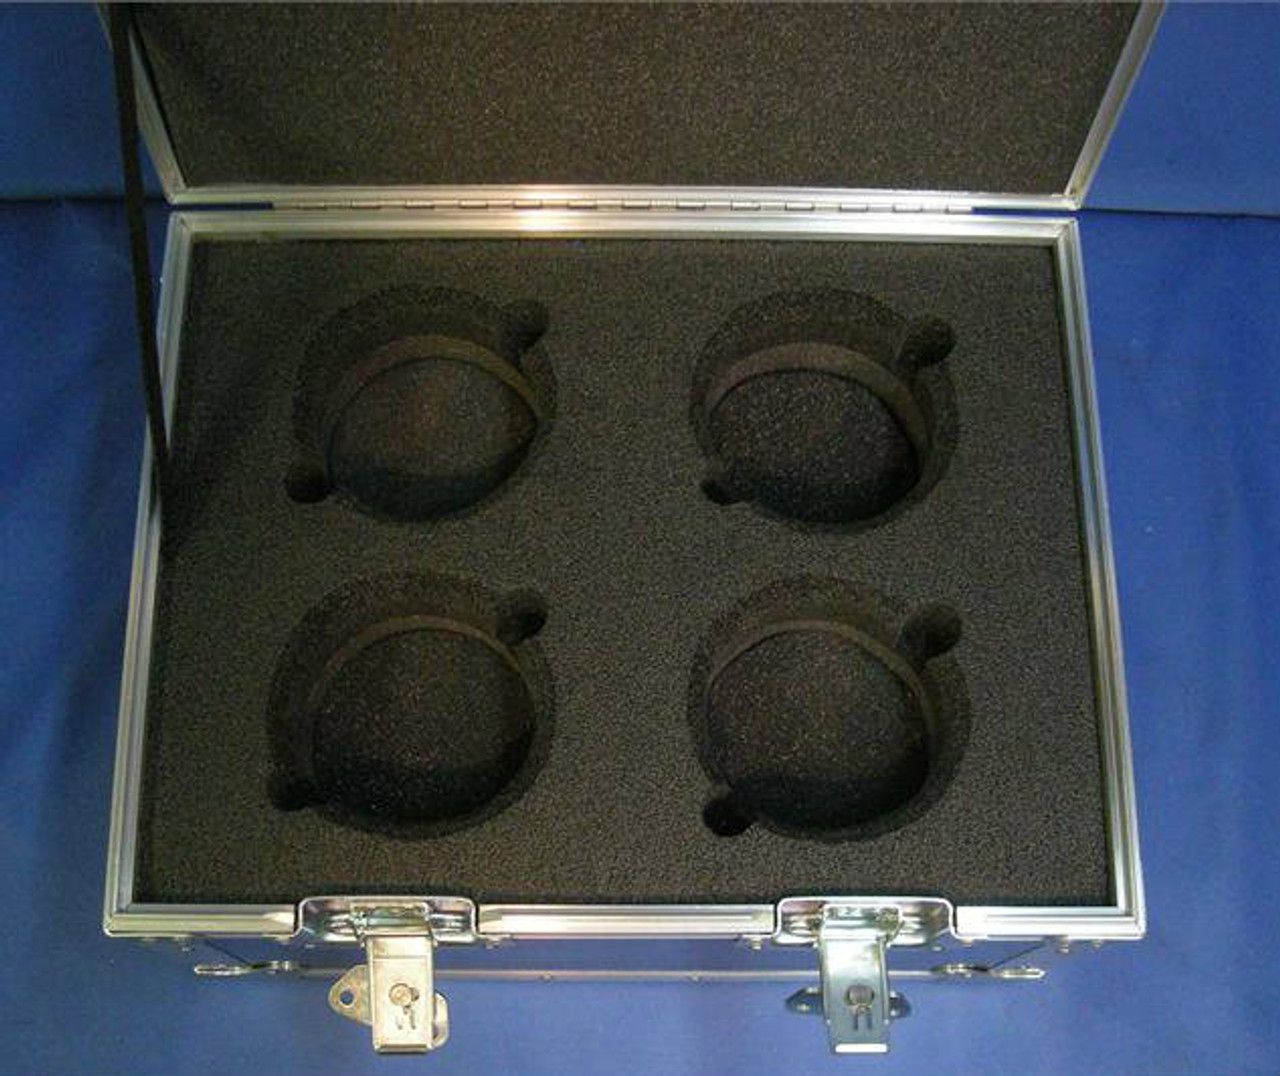 Arri Ultra Prime (4 Position) Custom ATA Shipping Case - Interior View Base